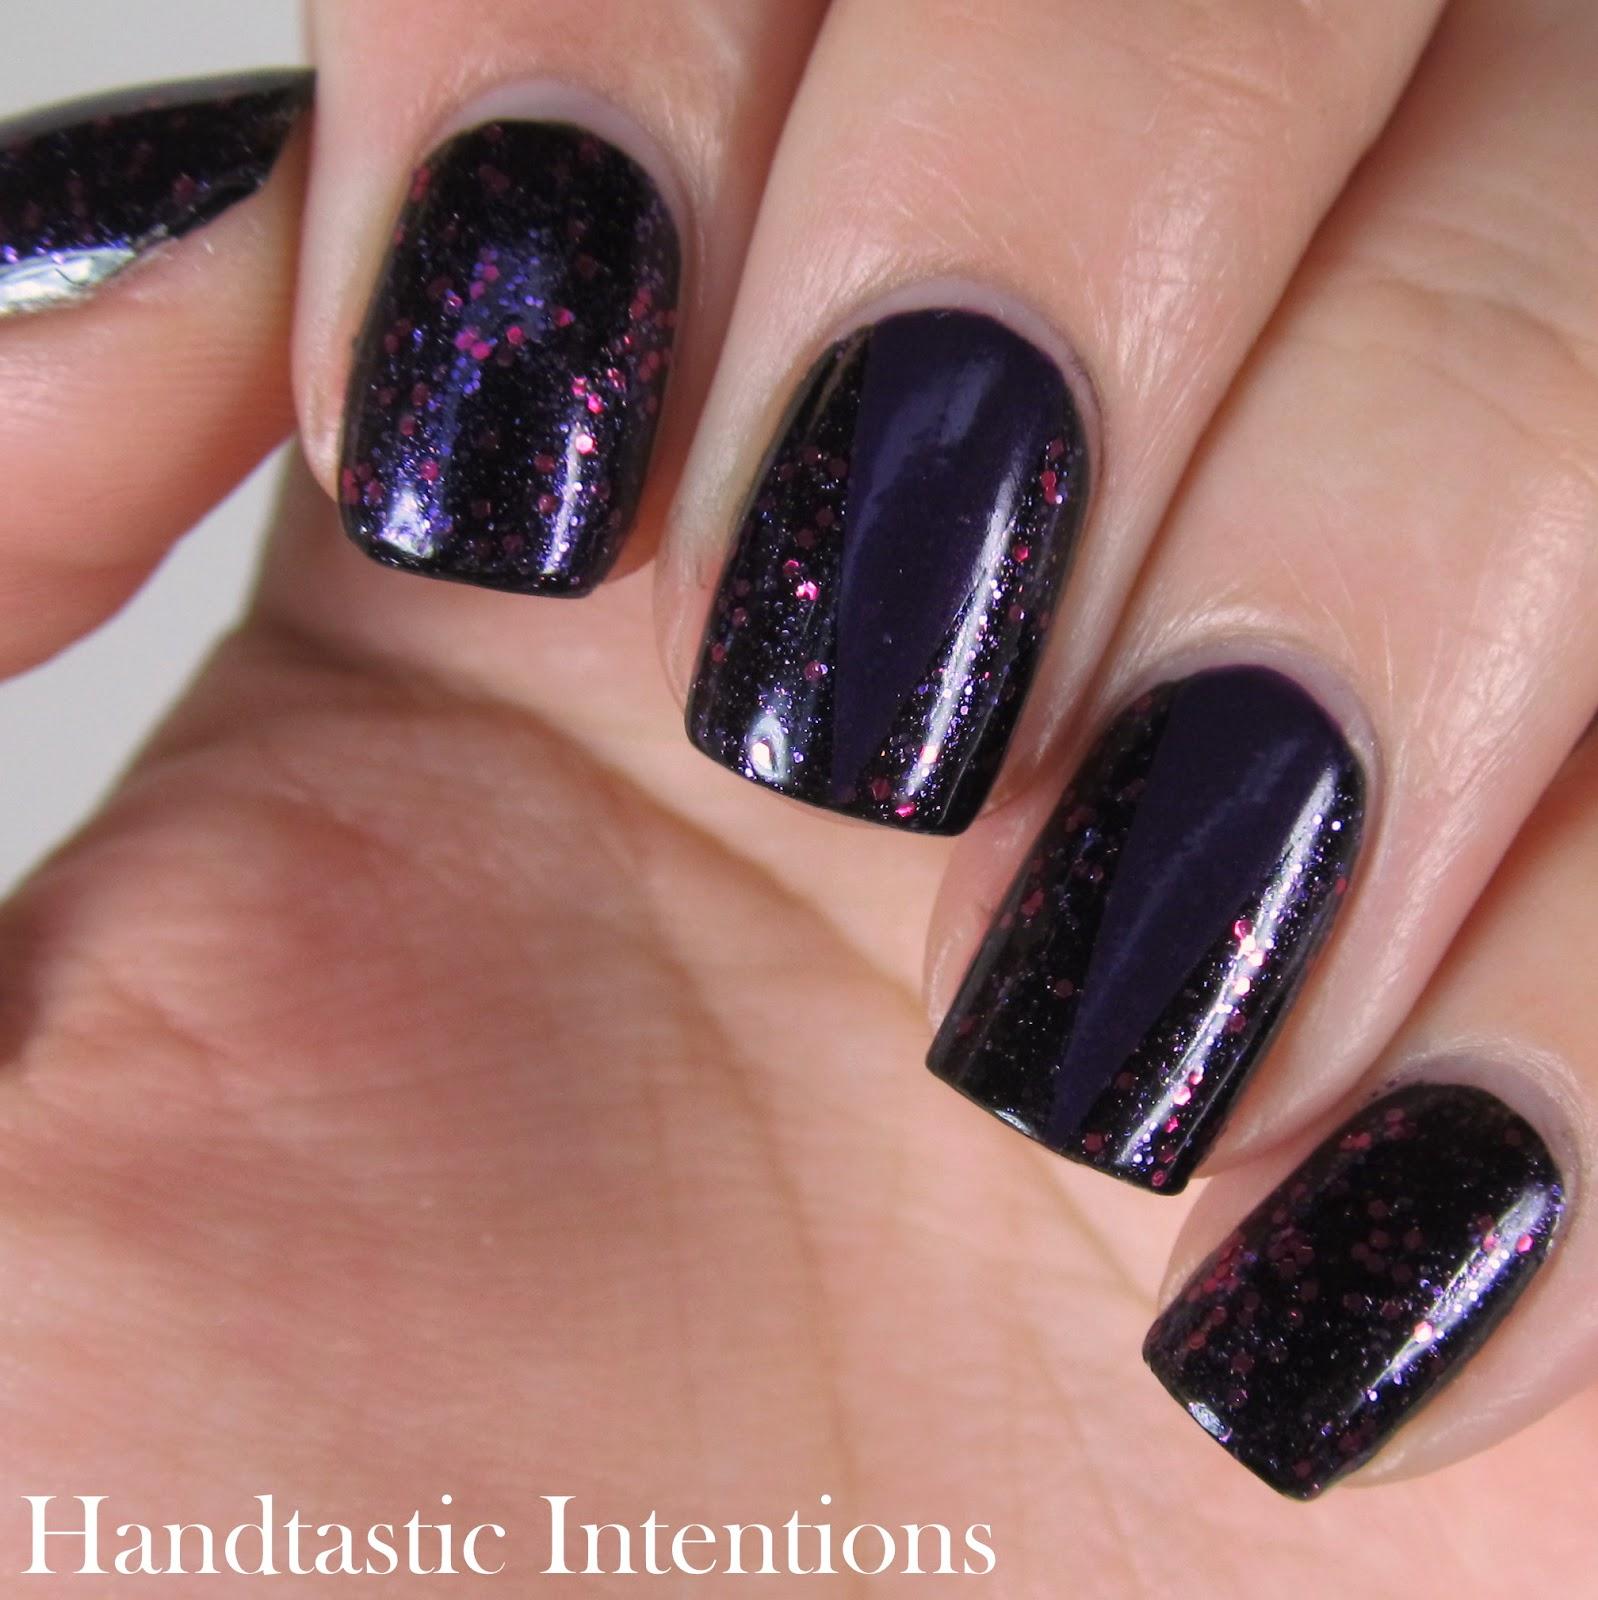 Dark Purple Nail Art - Handtastic Intentions: Dark Purple Nail Art